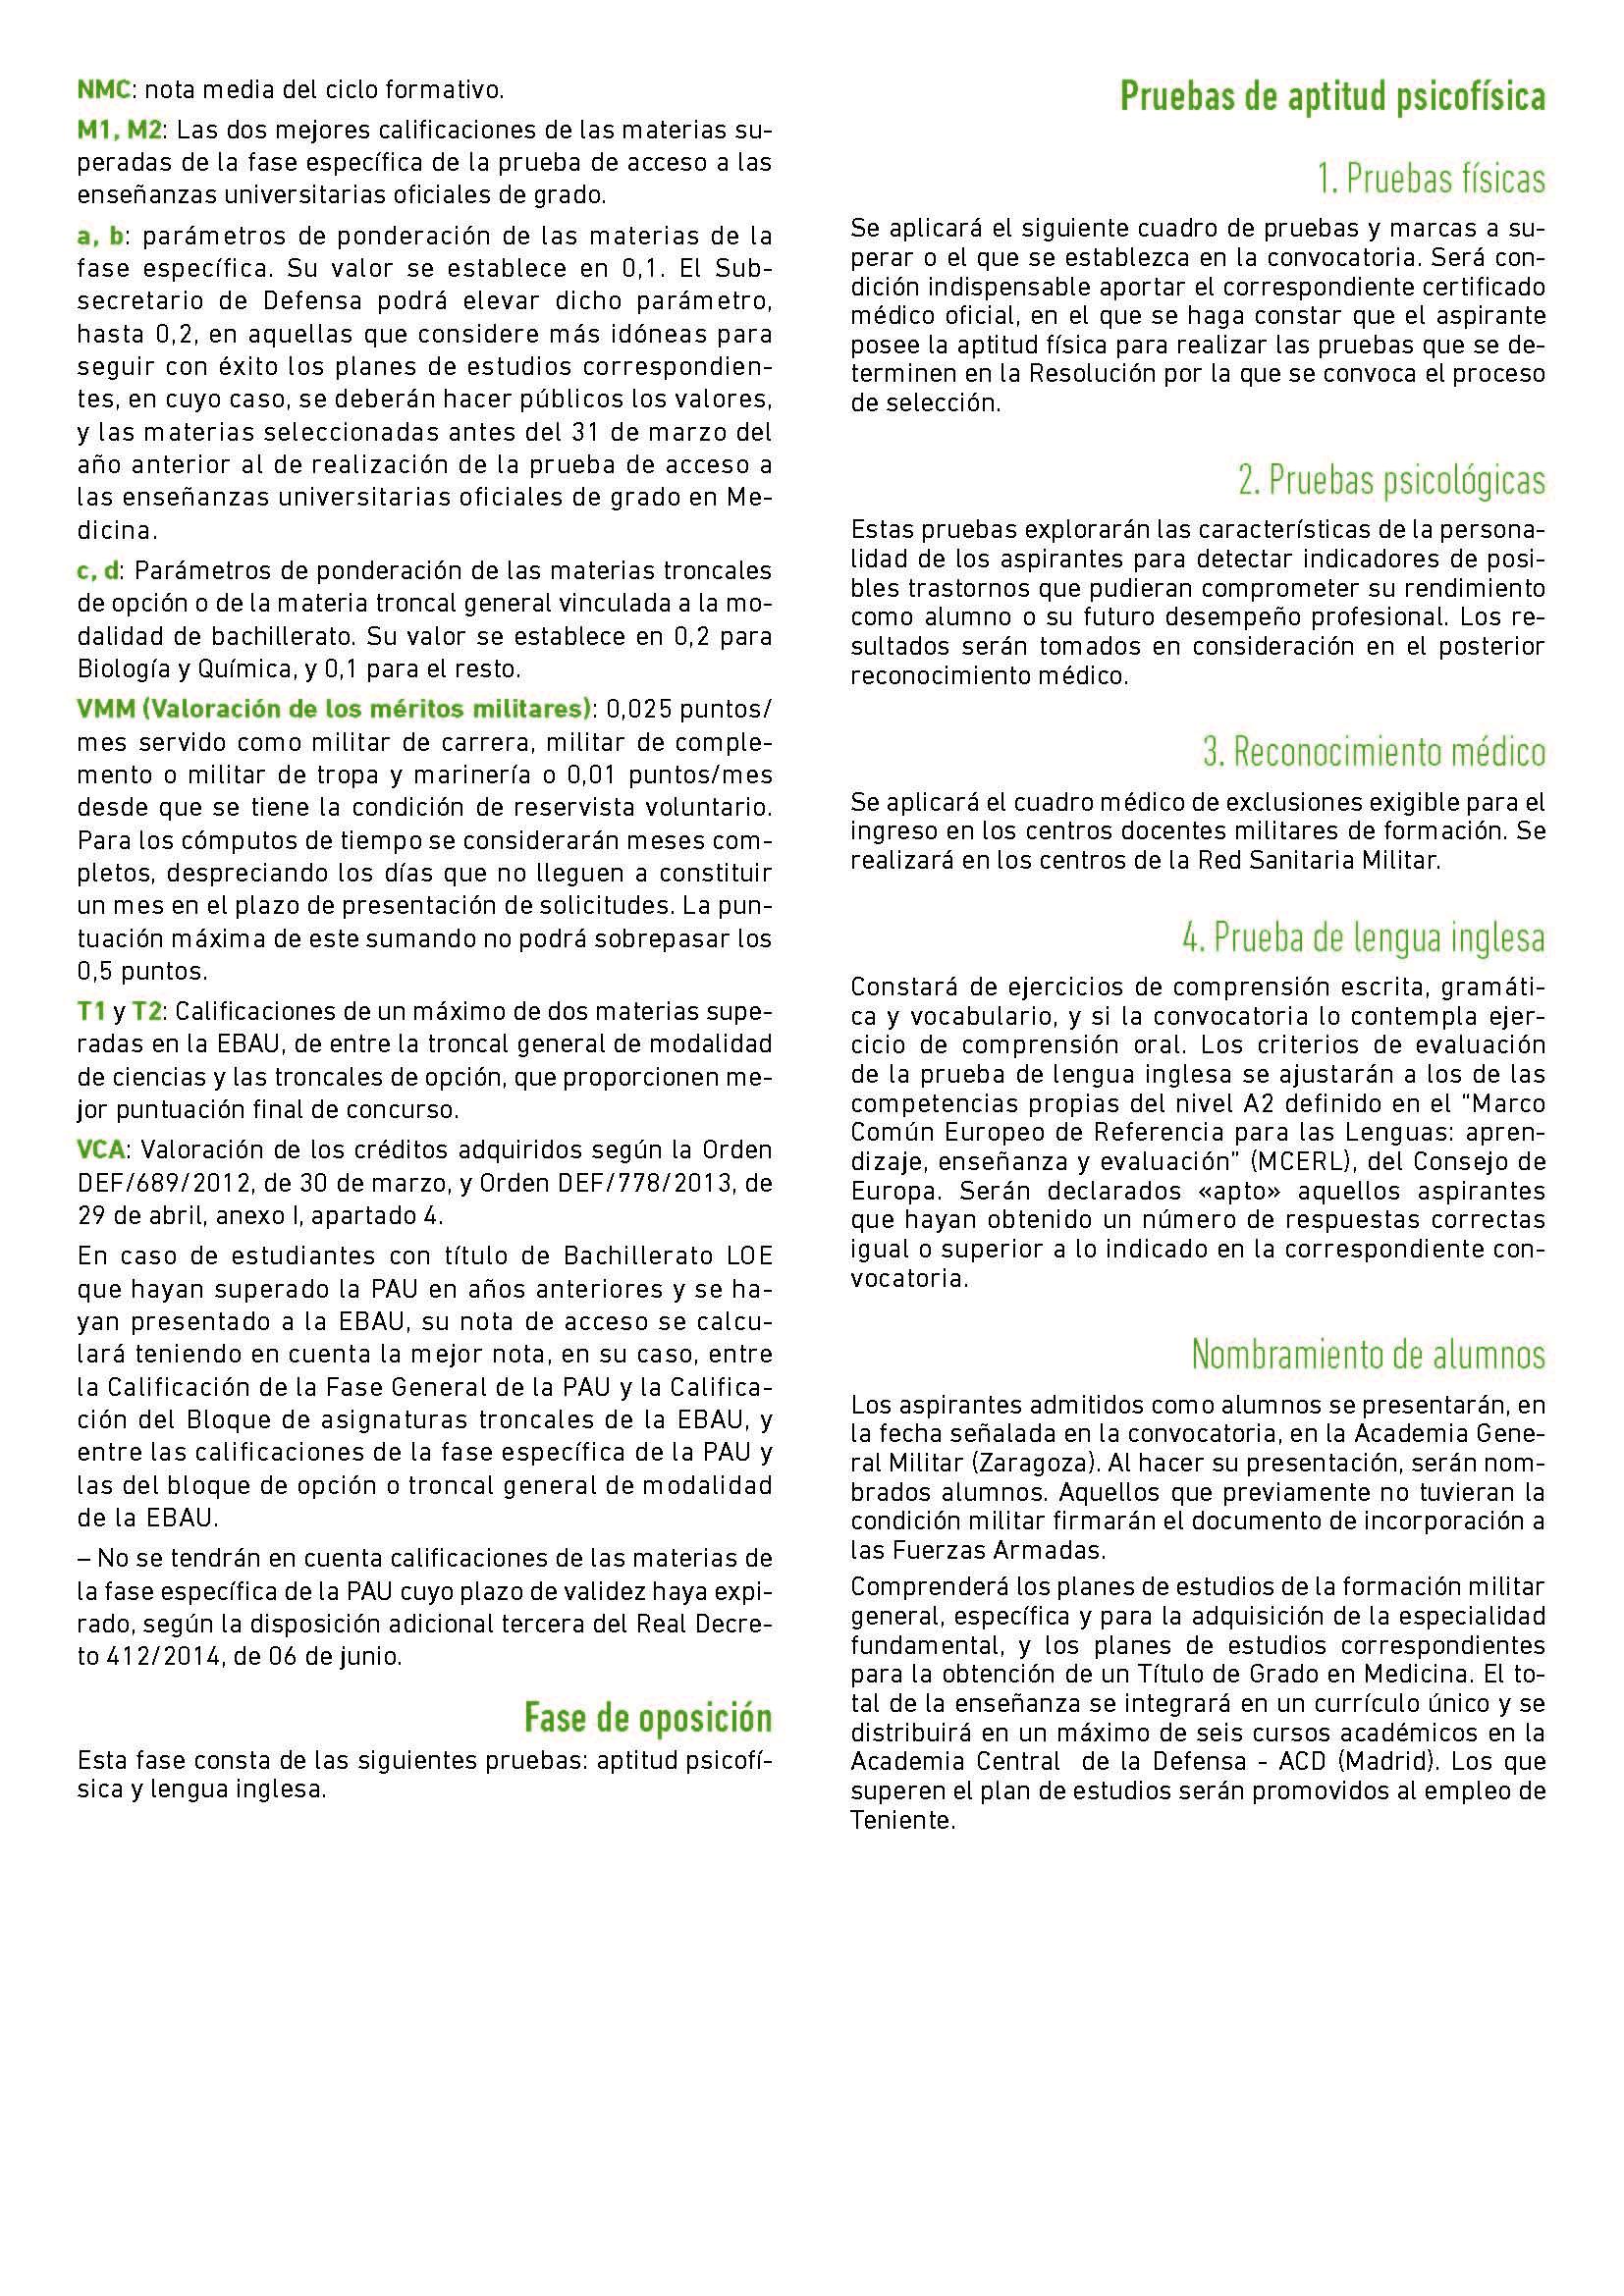 MEDICINA-SIN-TITULACION_Página_3